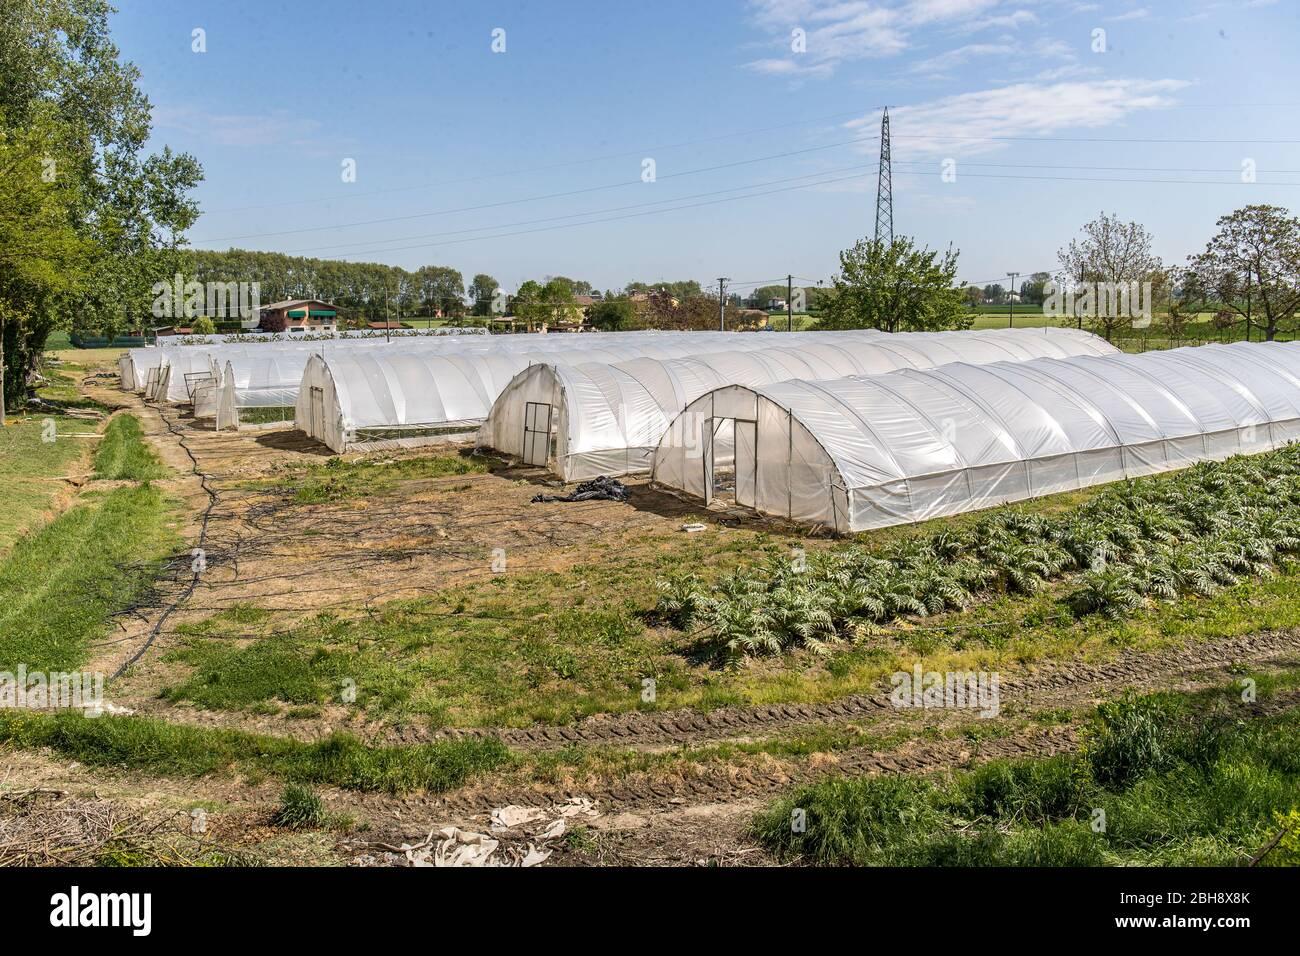 """Ferrara, Italia. 22 de abril de 2020. Invernaderos con frutas y verduras en la comunidad de recuperación """"Casa di Stefano"""" (Casa de Stefano) en Ferrara, ITA Foto de stock"""